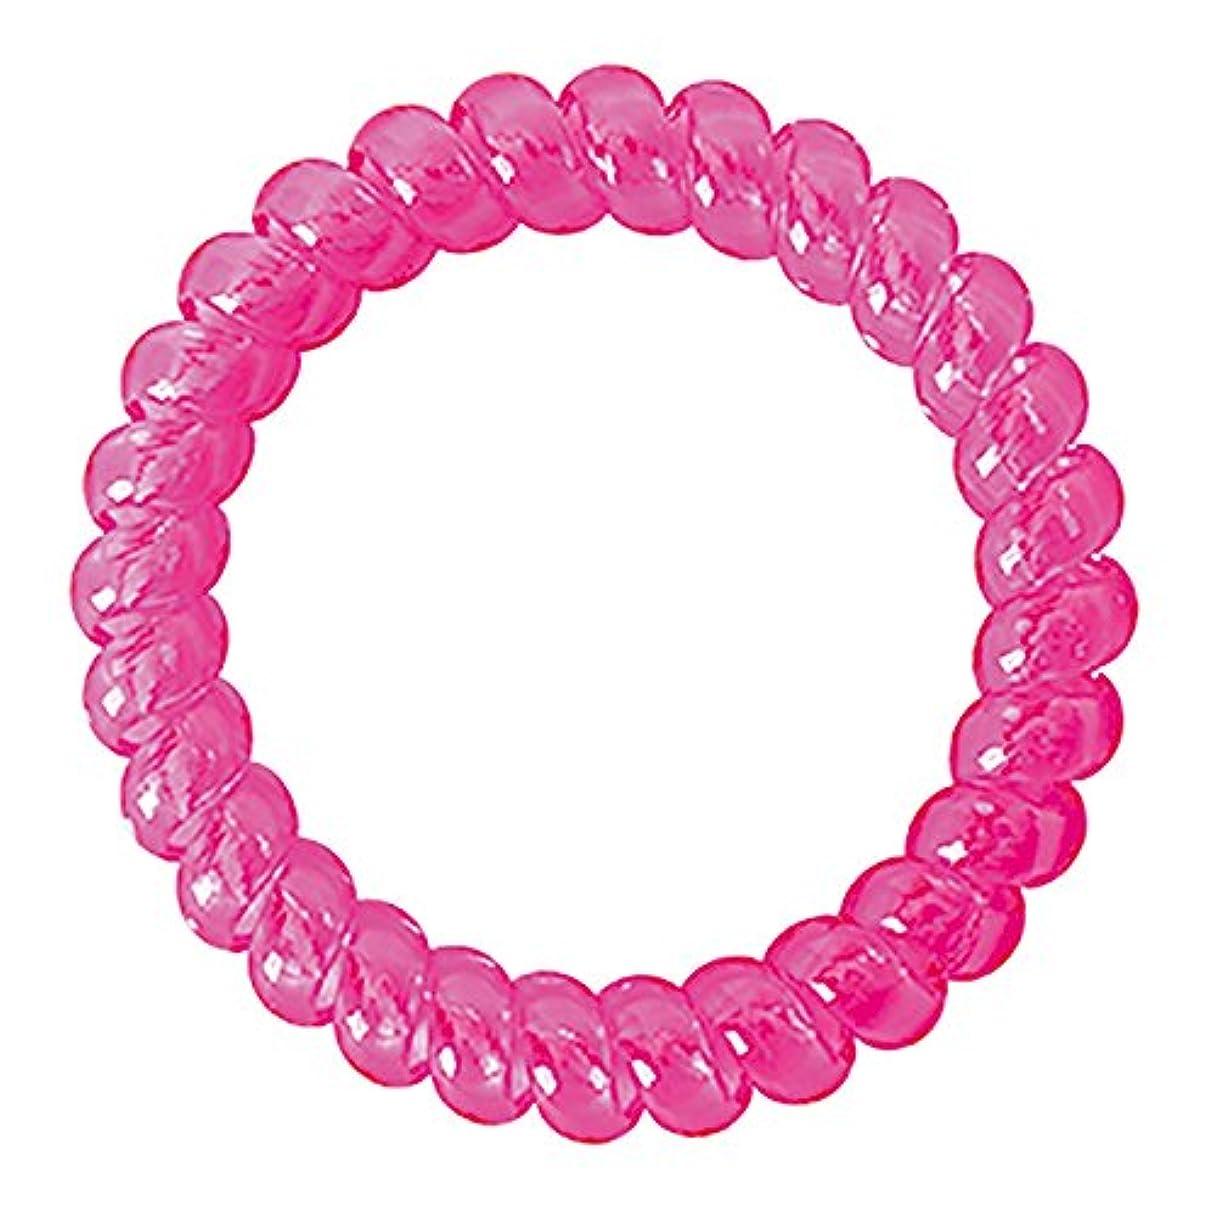 買い物に行く潮虐殺ノルコーポレーション アロマリストレット スプリングタイプ ピンク